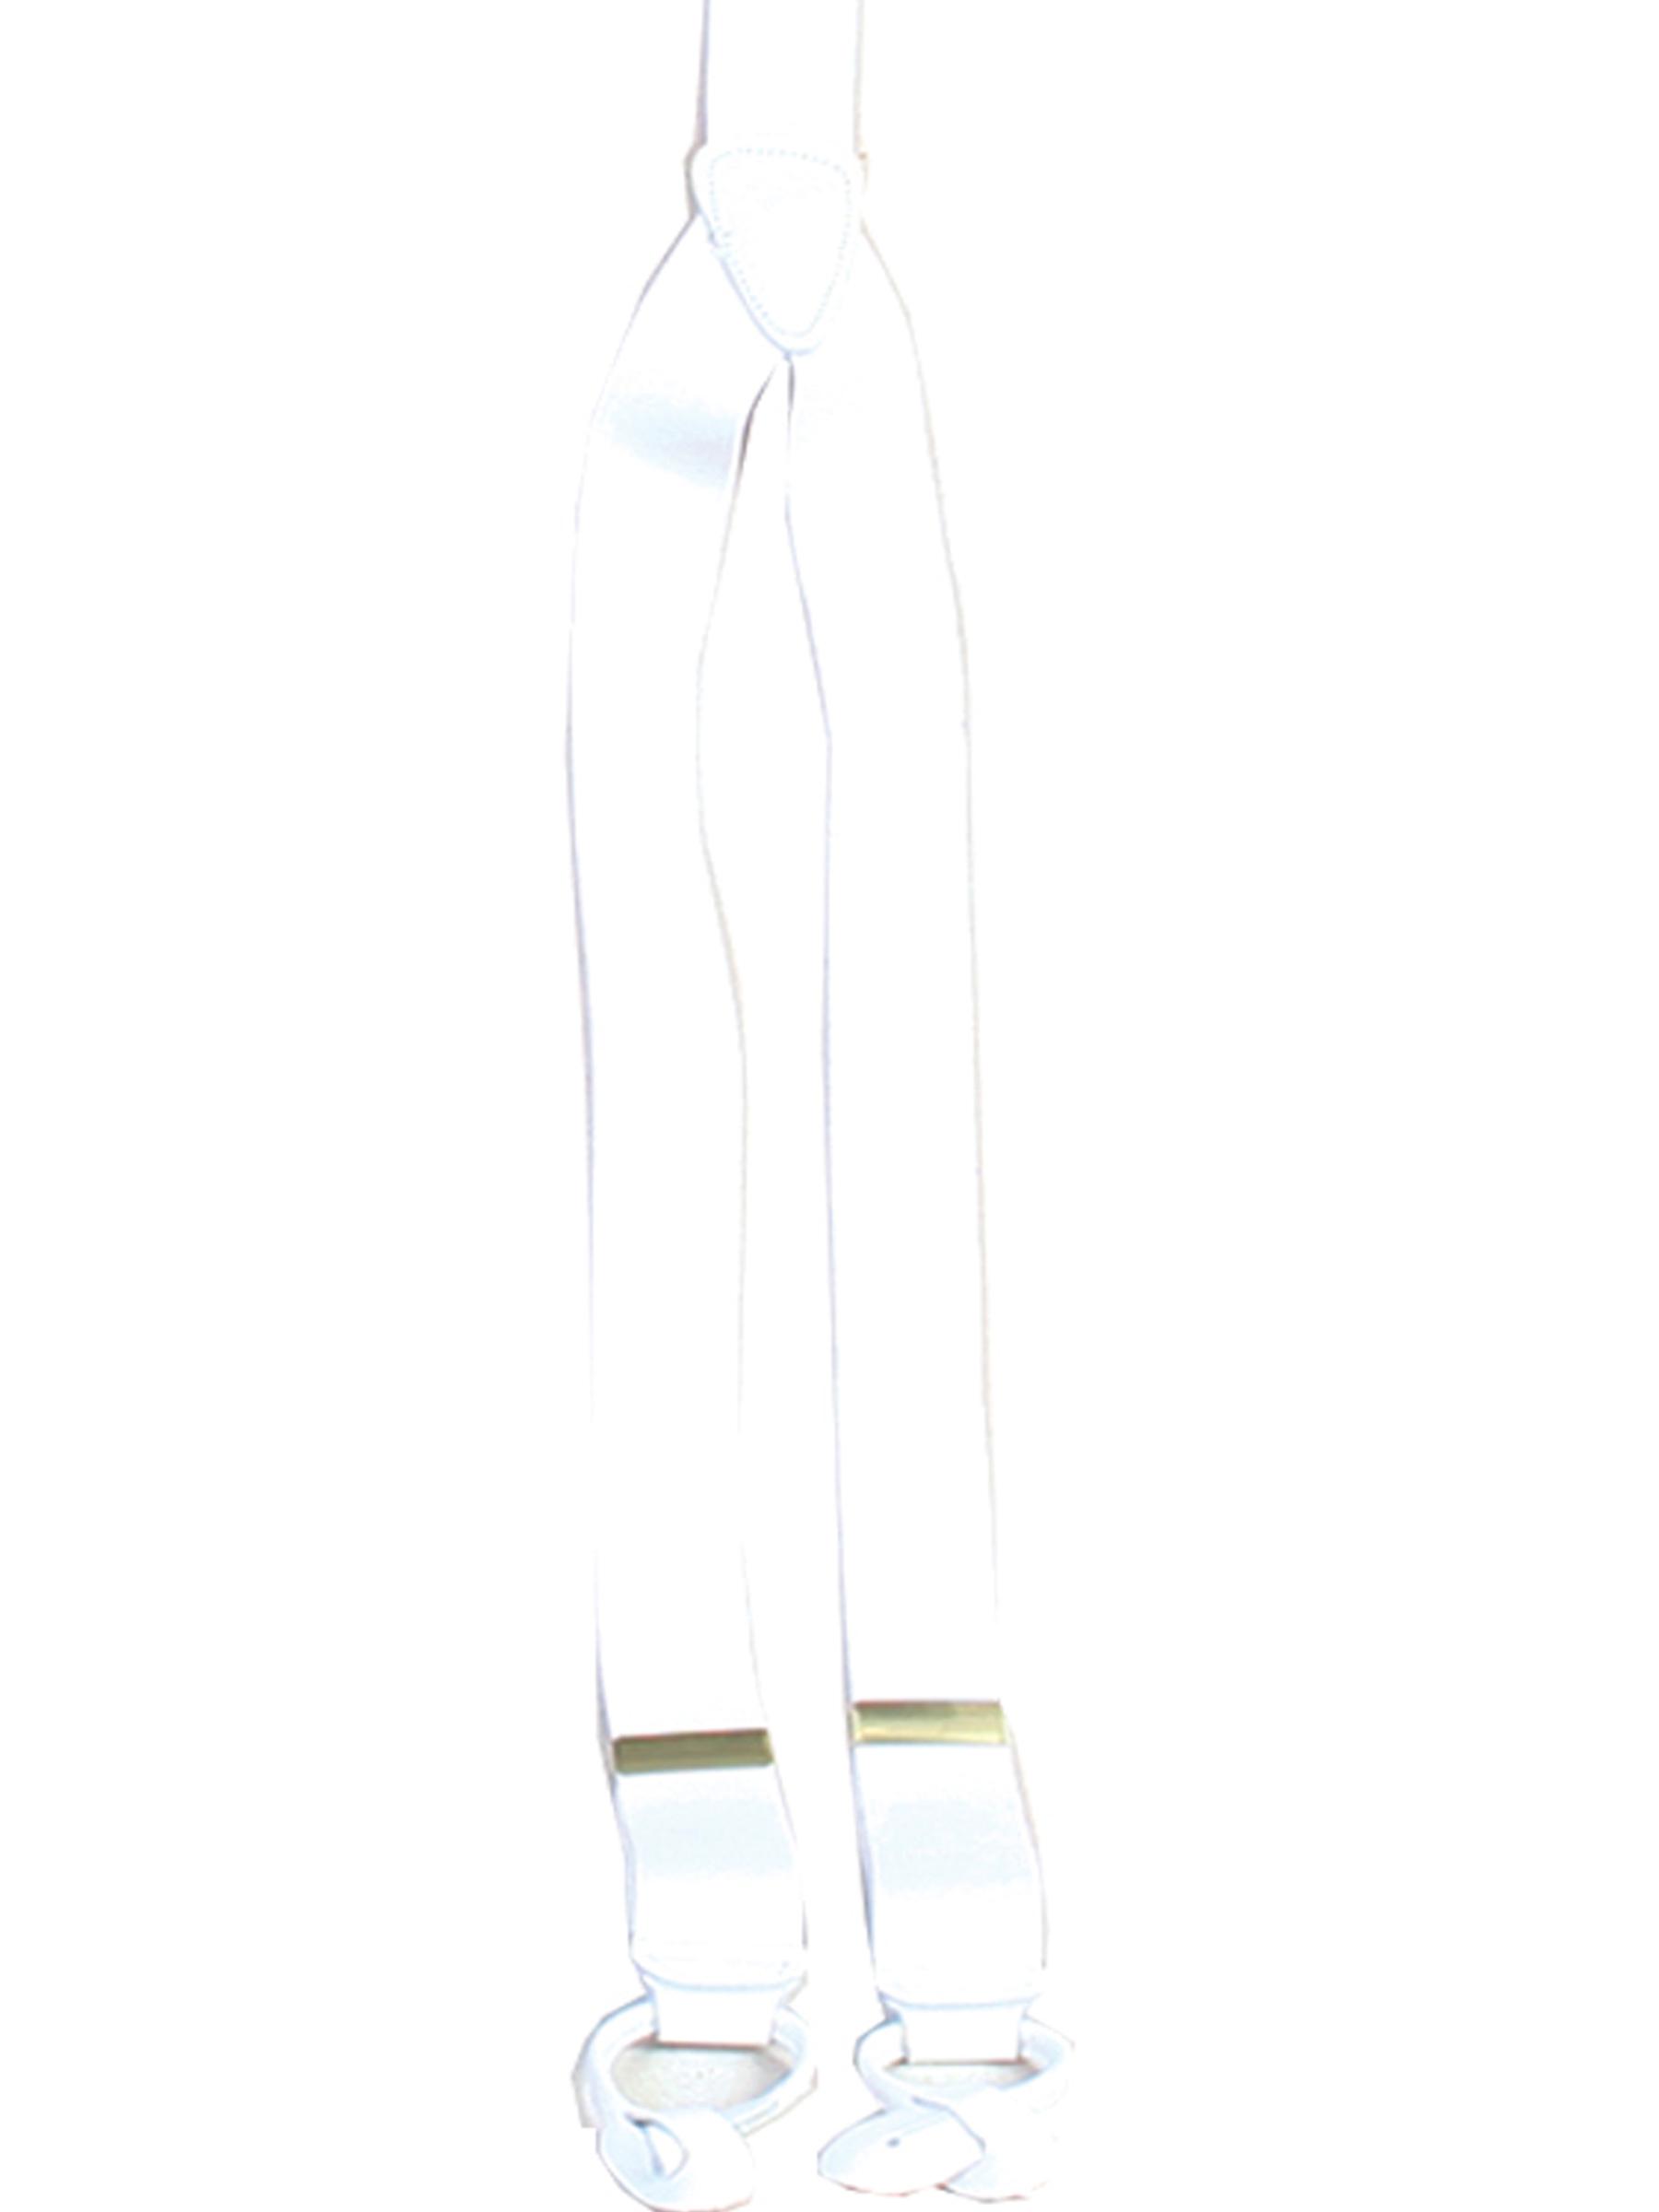 Elastic y-backed suspenders